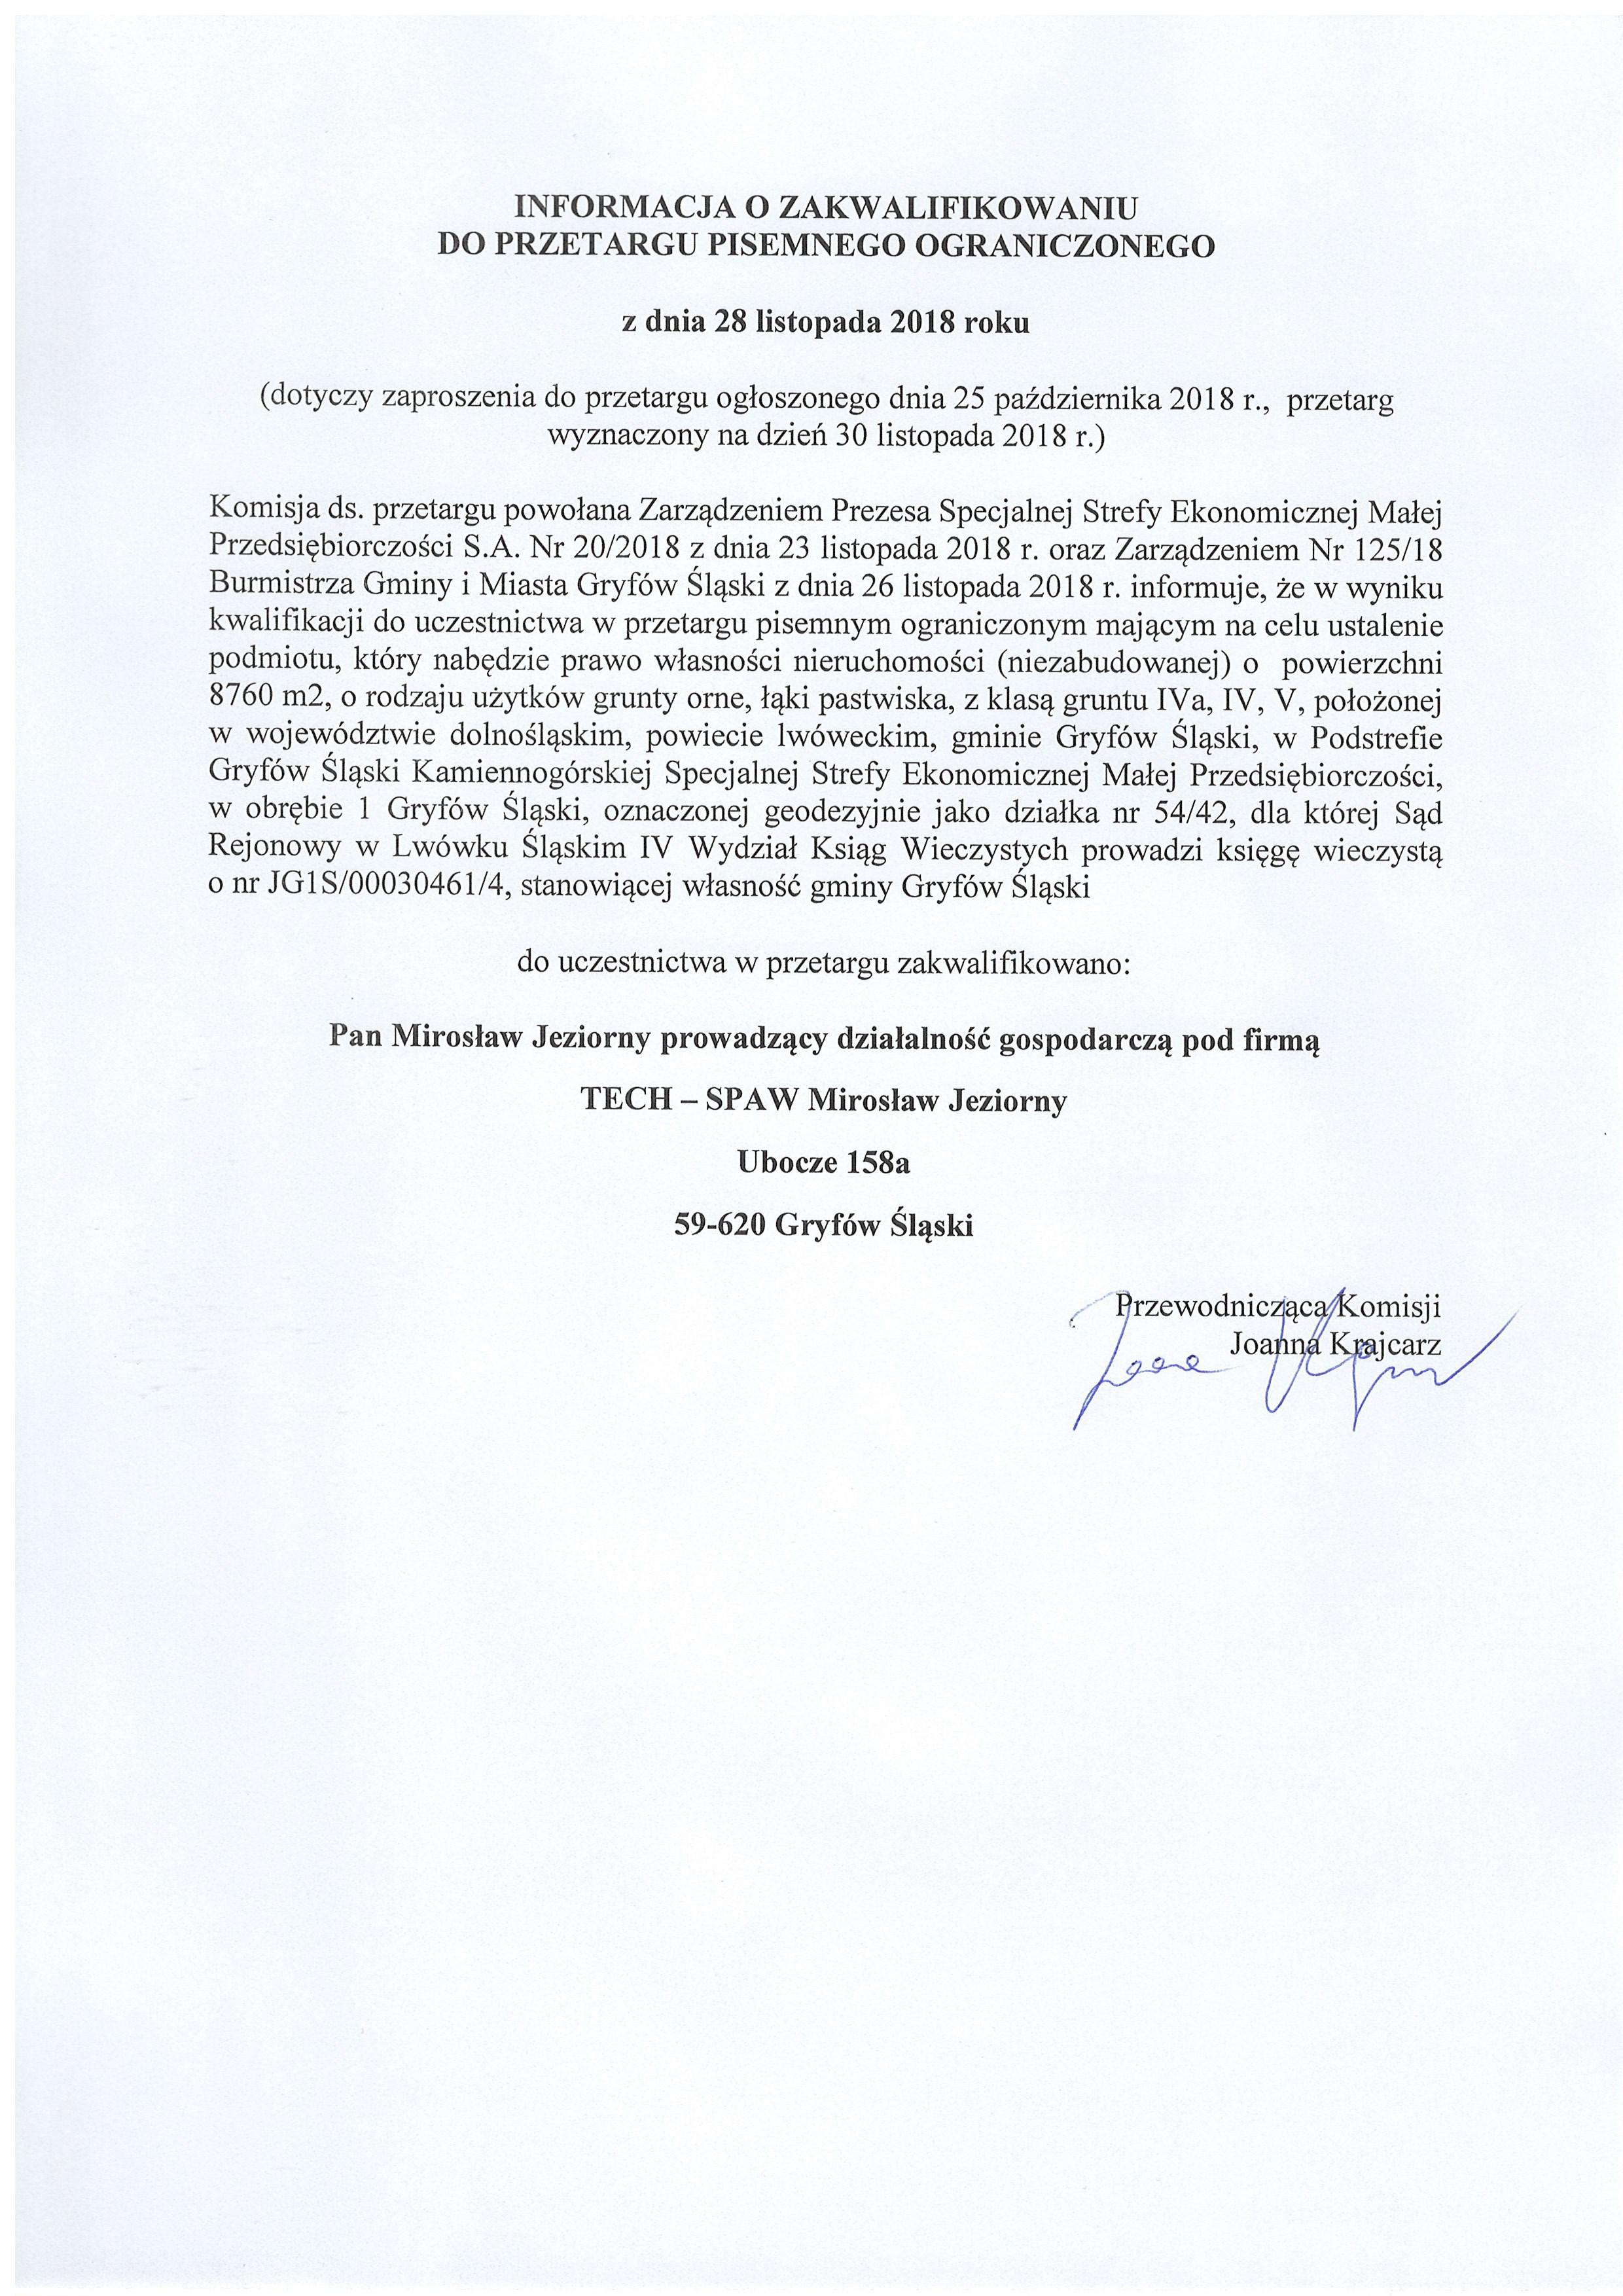 28.11.2018 informacja o zakwalifikowaniu do przetargu